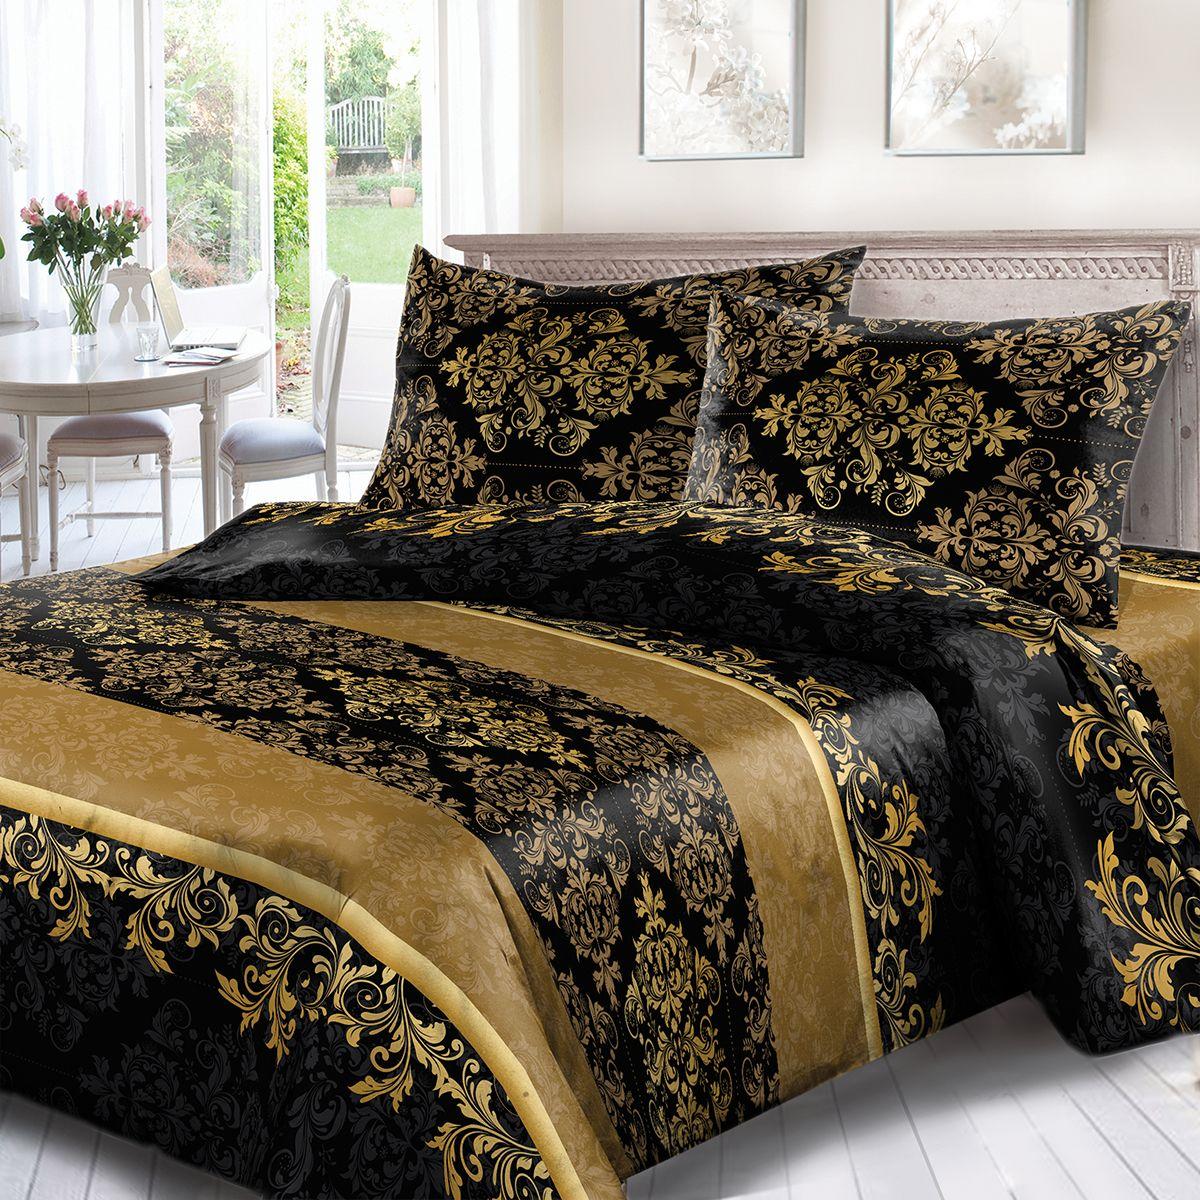 Комплект белья Сорренто Афины, 1,5 спальное, наволочки 70x70, цвет: черный. 3733-190231